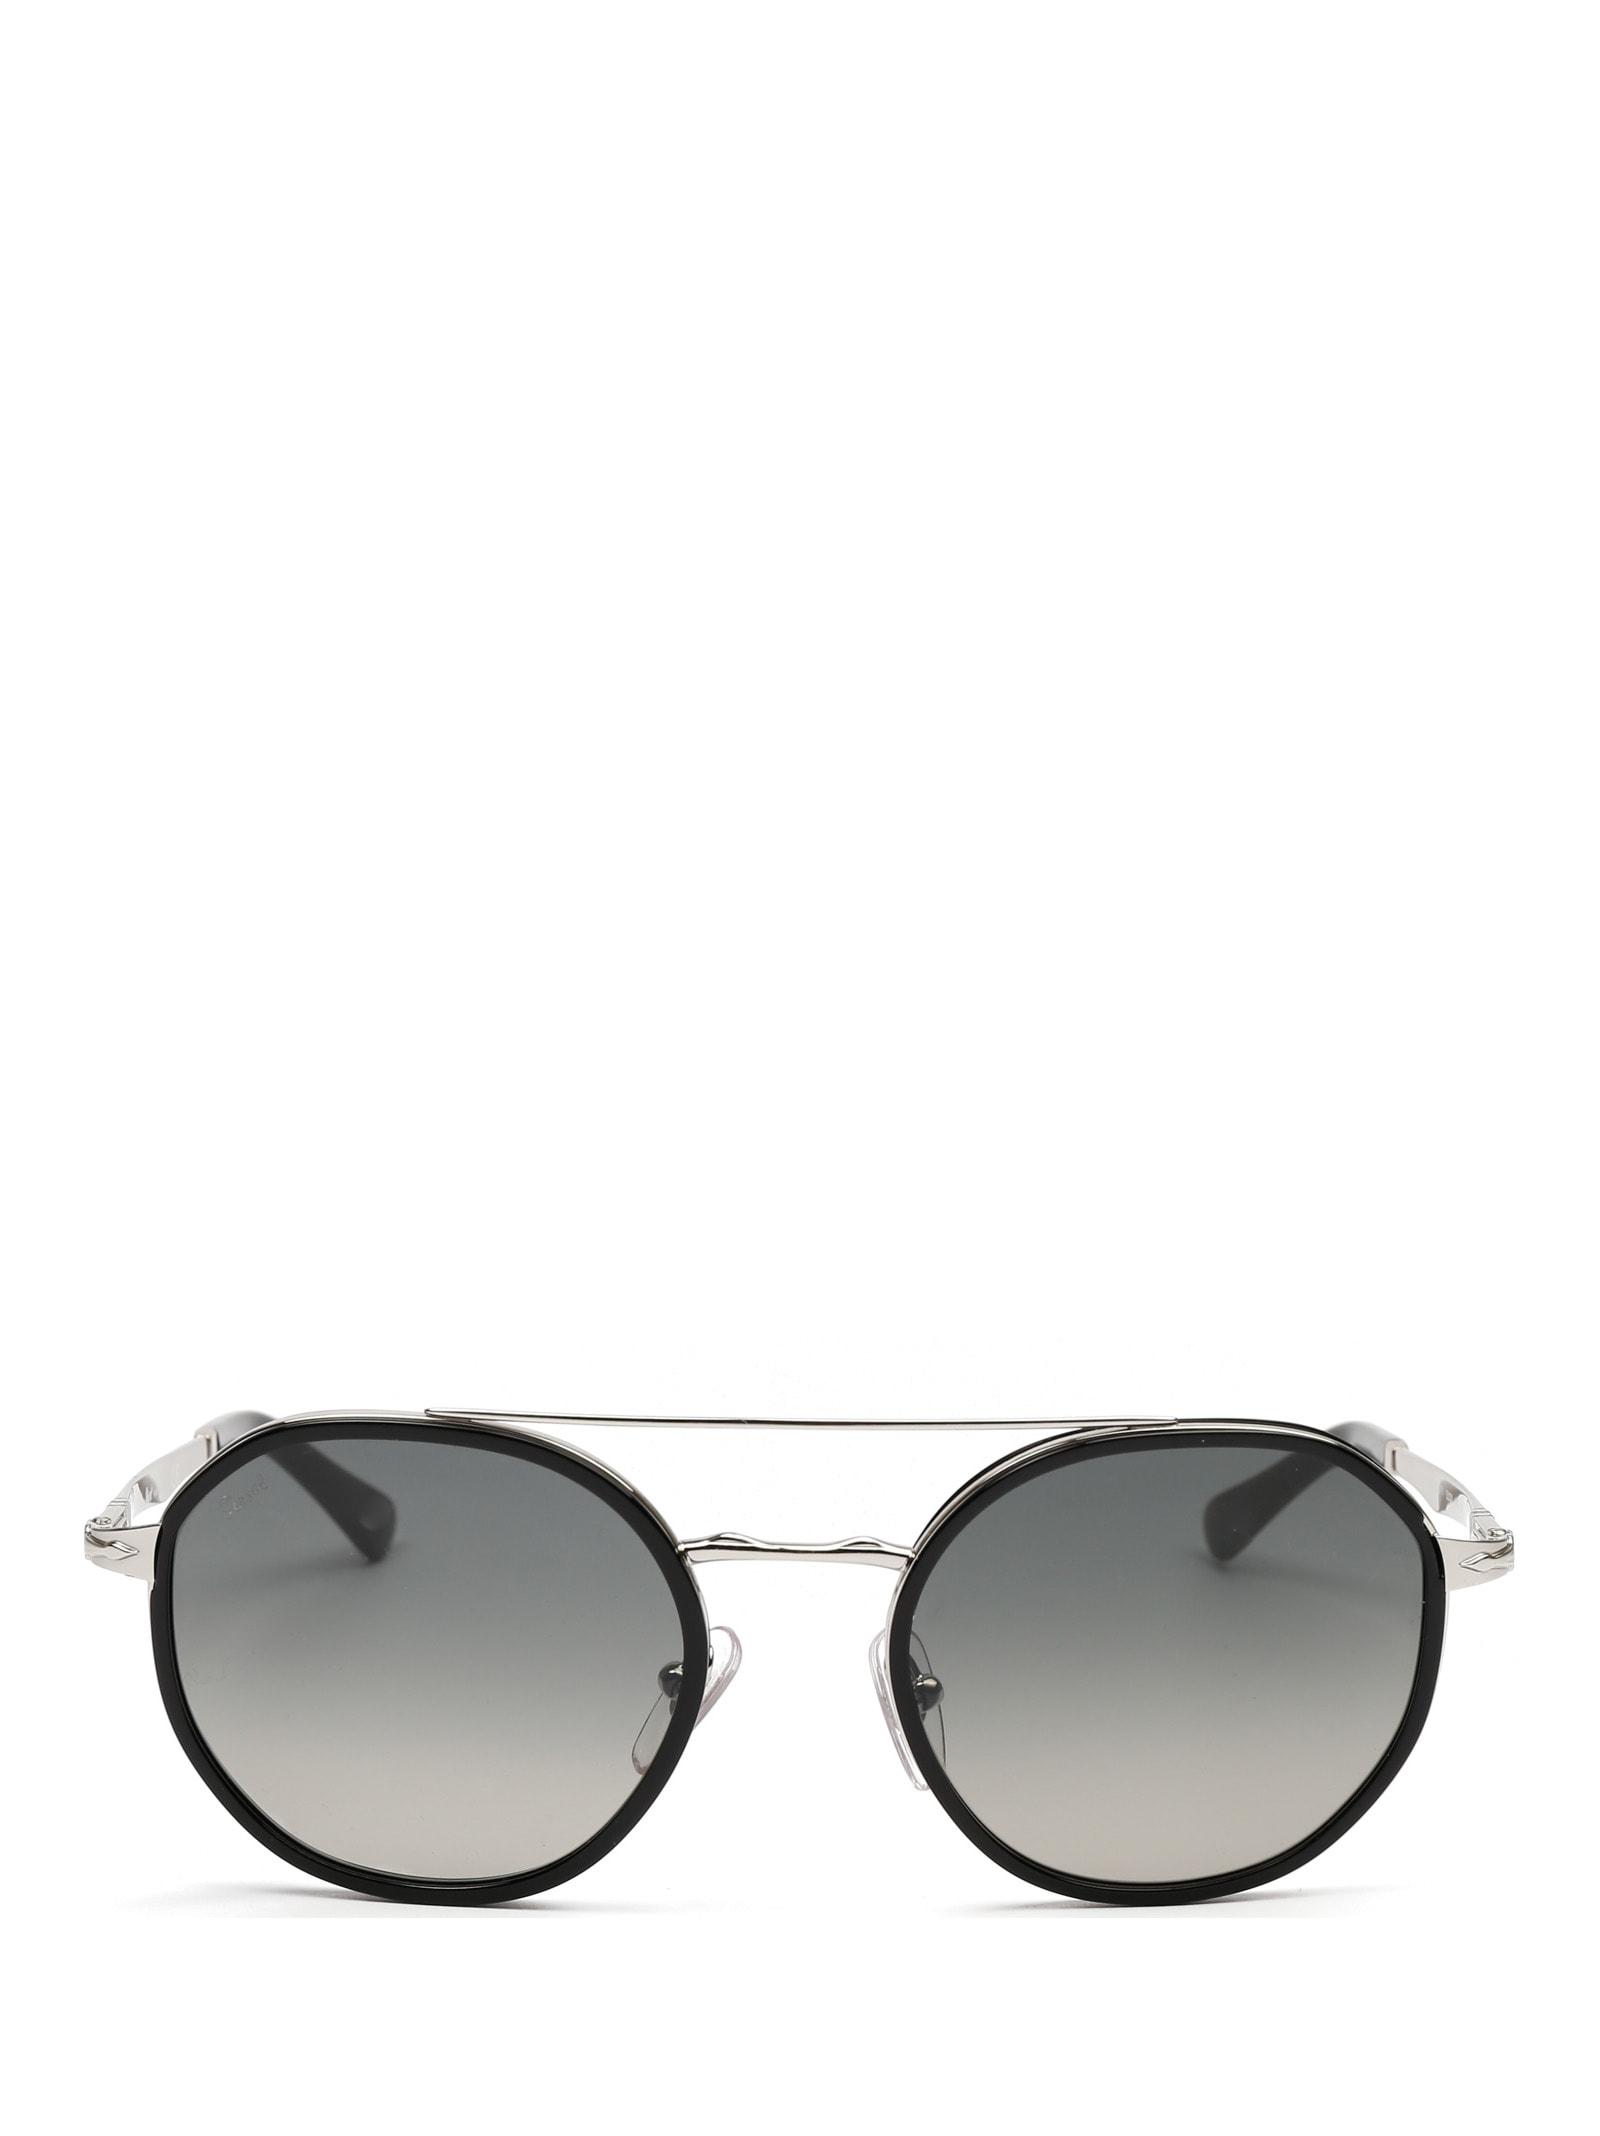 Persol Persol Po2456s 518/71 Sunglasses